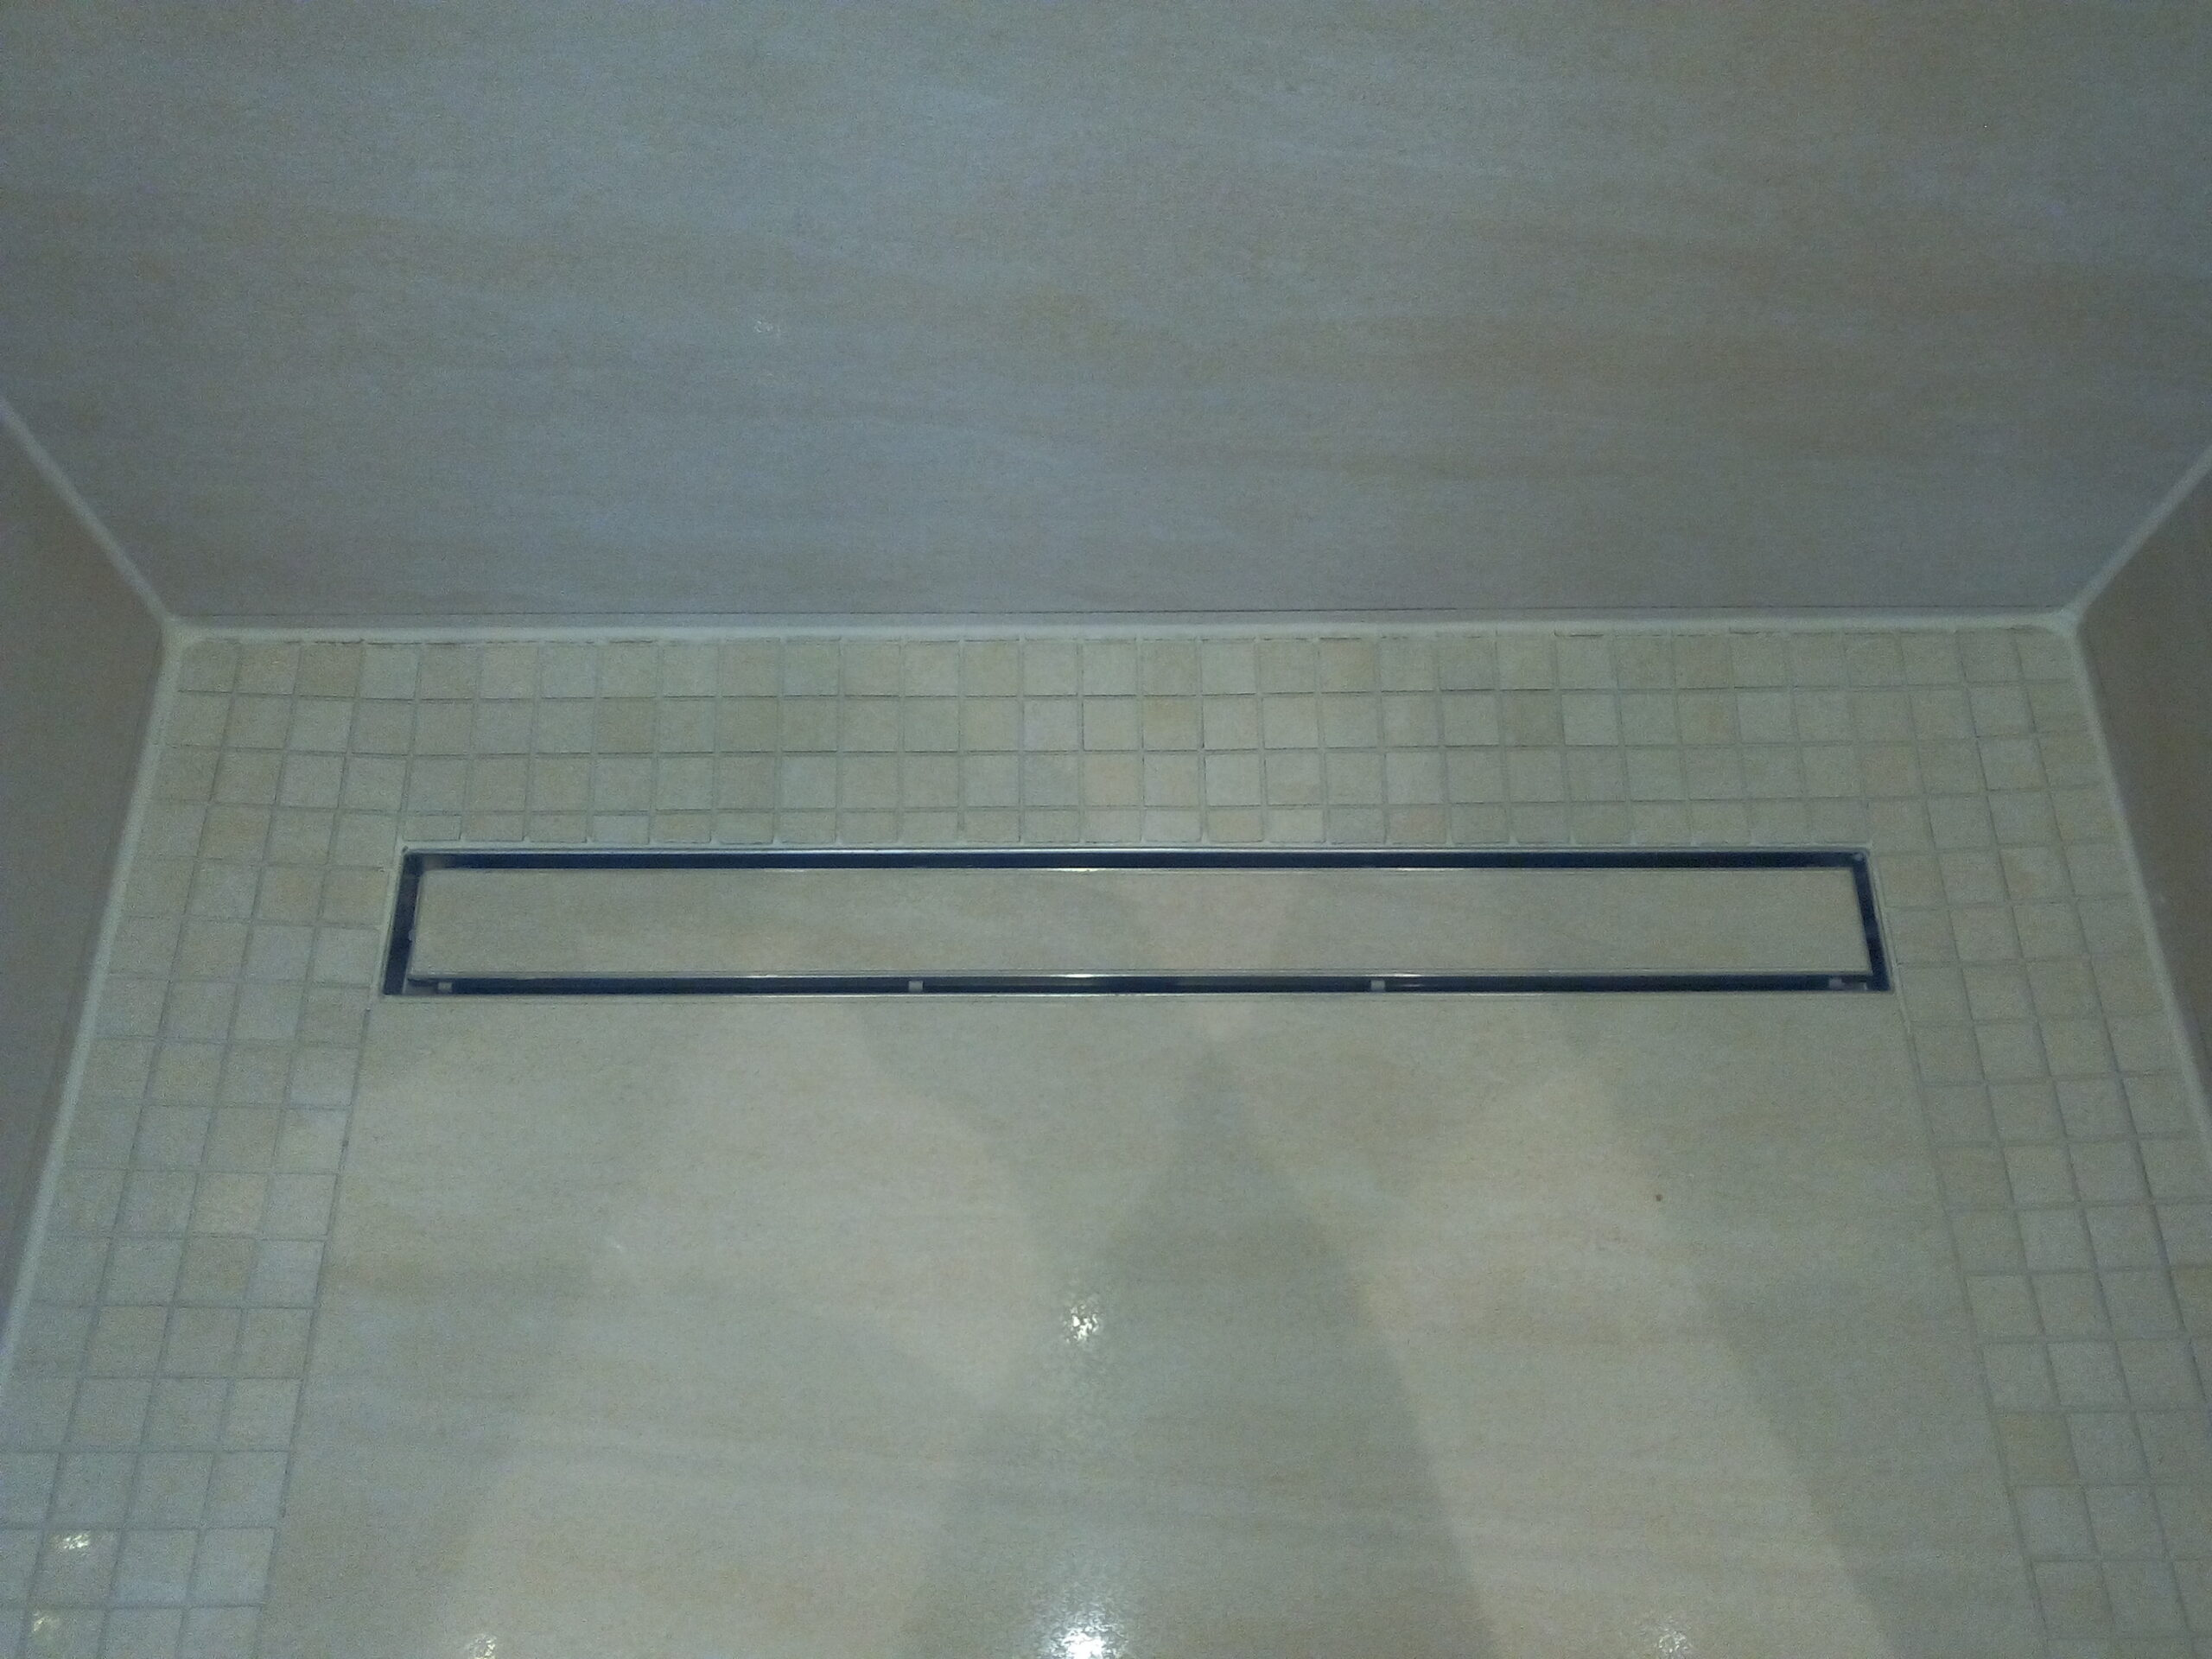 Full Size of Ebenerdige Dusche Badezimmer Sanieren Kaufen Bidet Eckeinstieg Badewanne Mit Tür Und Abfluss Begehbare Fliesen Walk In Duschen Antirutschmatte Mischbatterie Dusche Ebenerdige Dusche